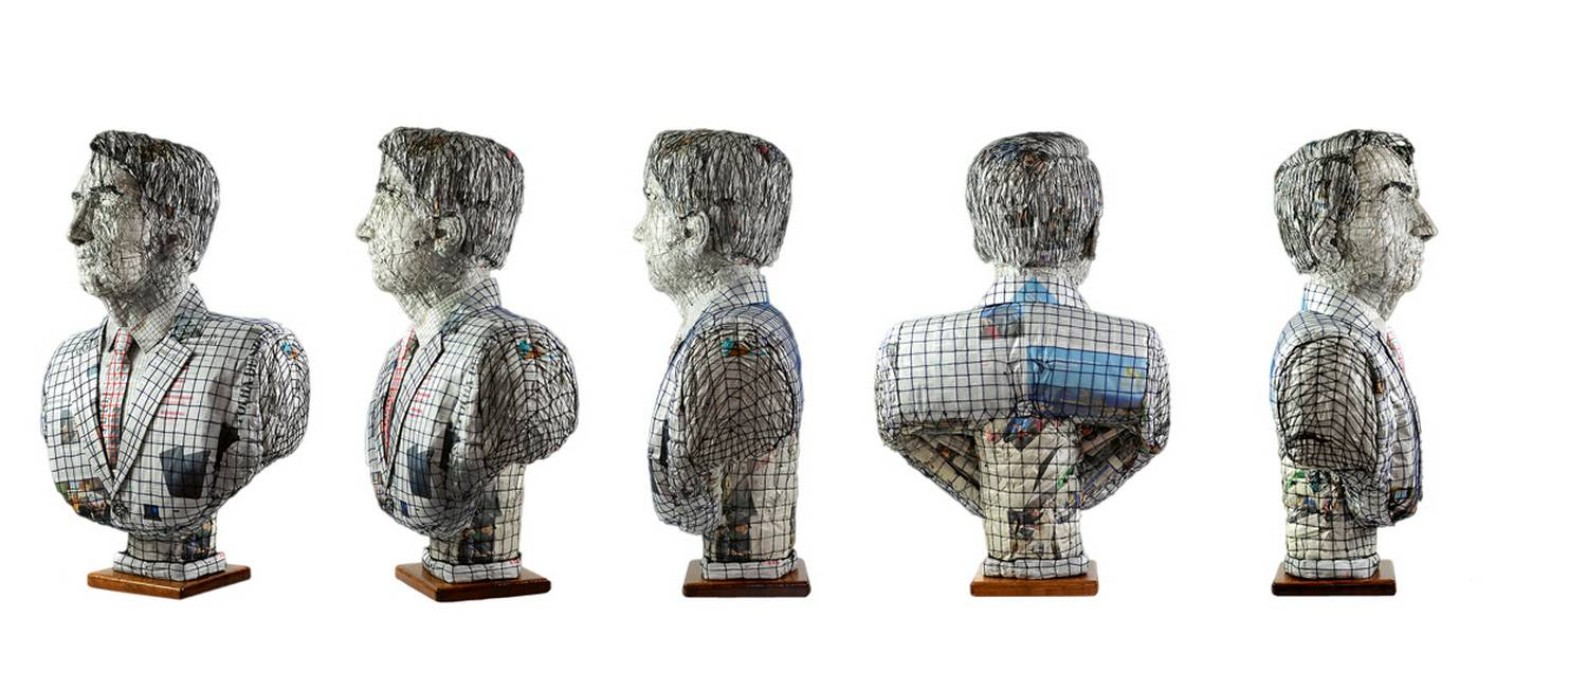 O busto de Jair Bolsonaro foi feito com pedaços amassados e comprimidos de jornal, unidos por fios de lã, técnica desenvolvida por Marcelo de Castro, e tem 1,10 metro de altura e cerca de 20 quilos Foto: Marcelo Tomaz Galvão de Castro